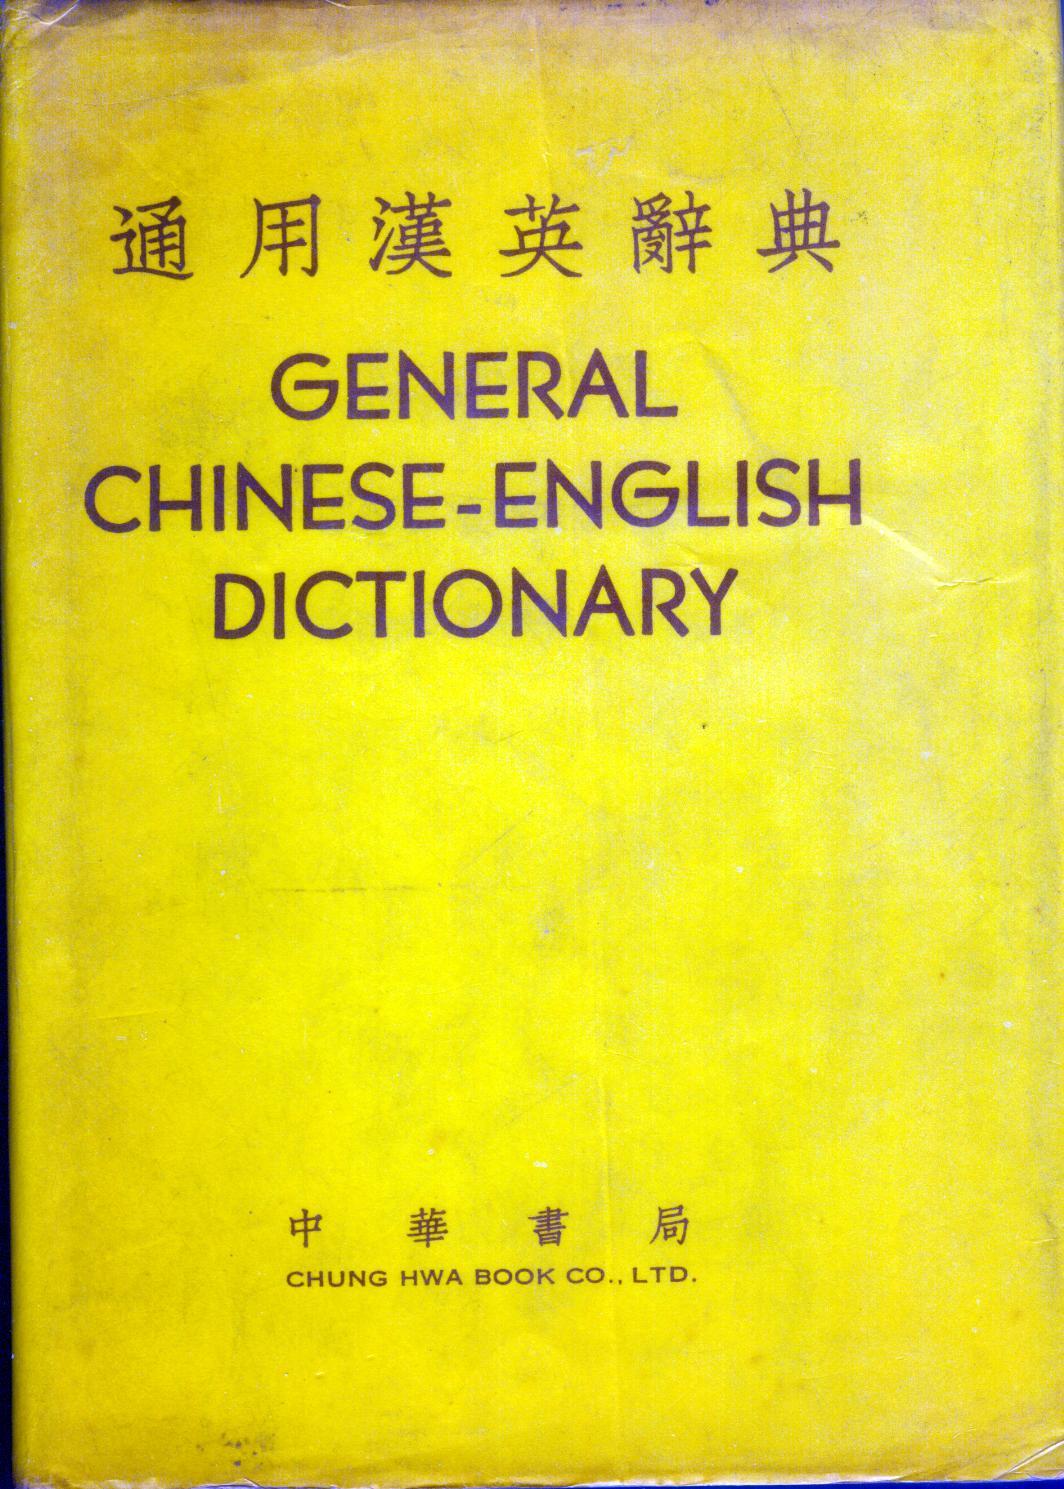 通用漢英辭典